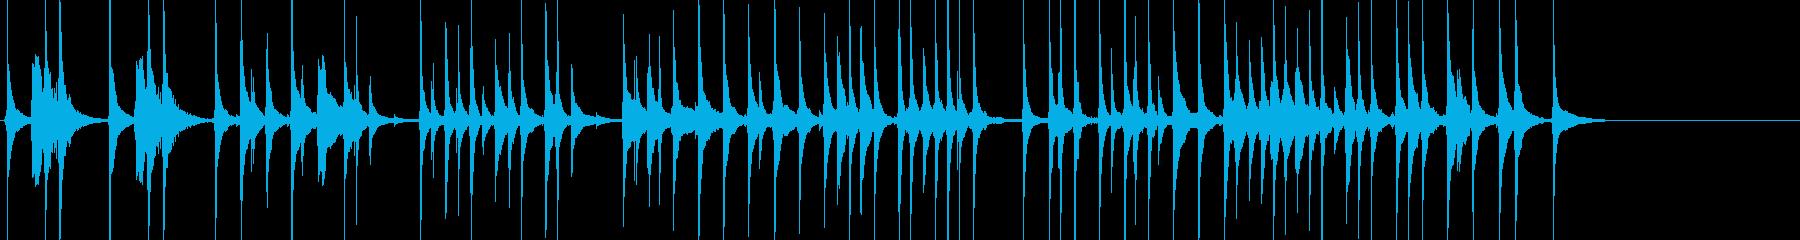 三味線28娘道成寺7日本式レビューショーの再生済みの波形